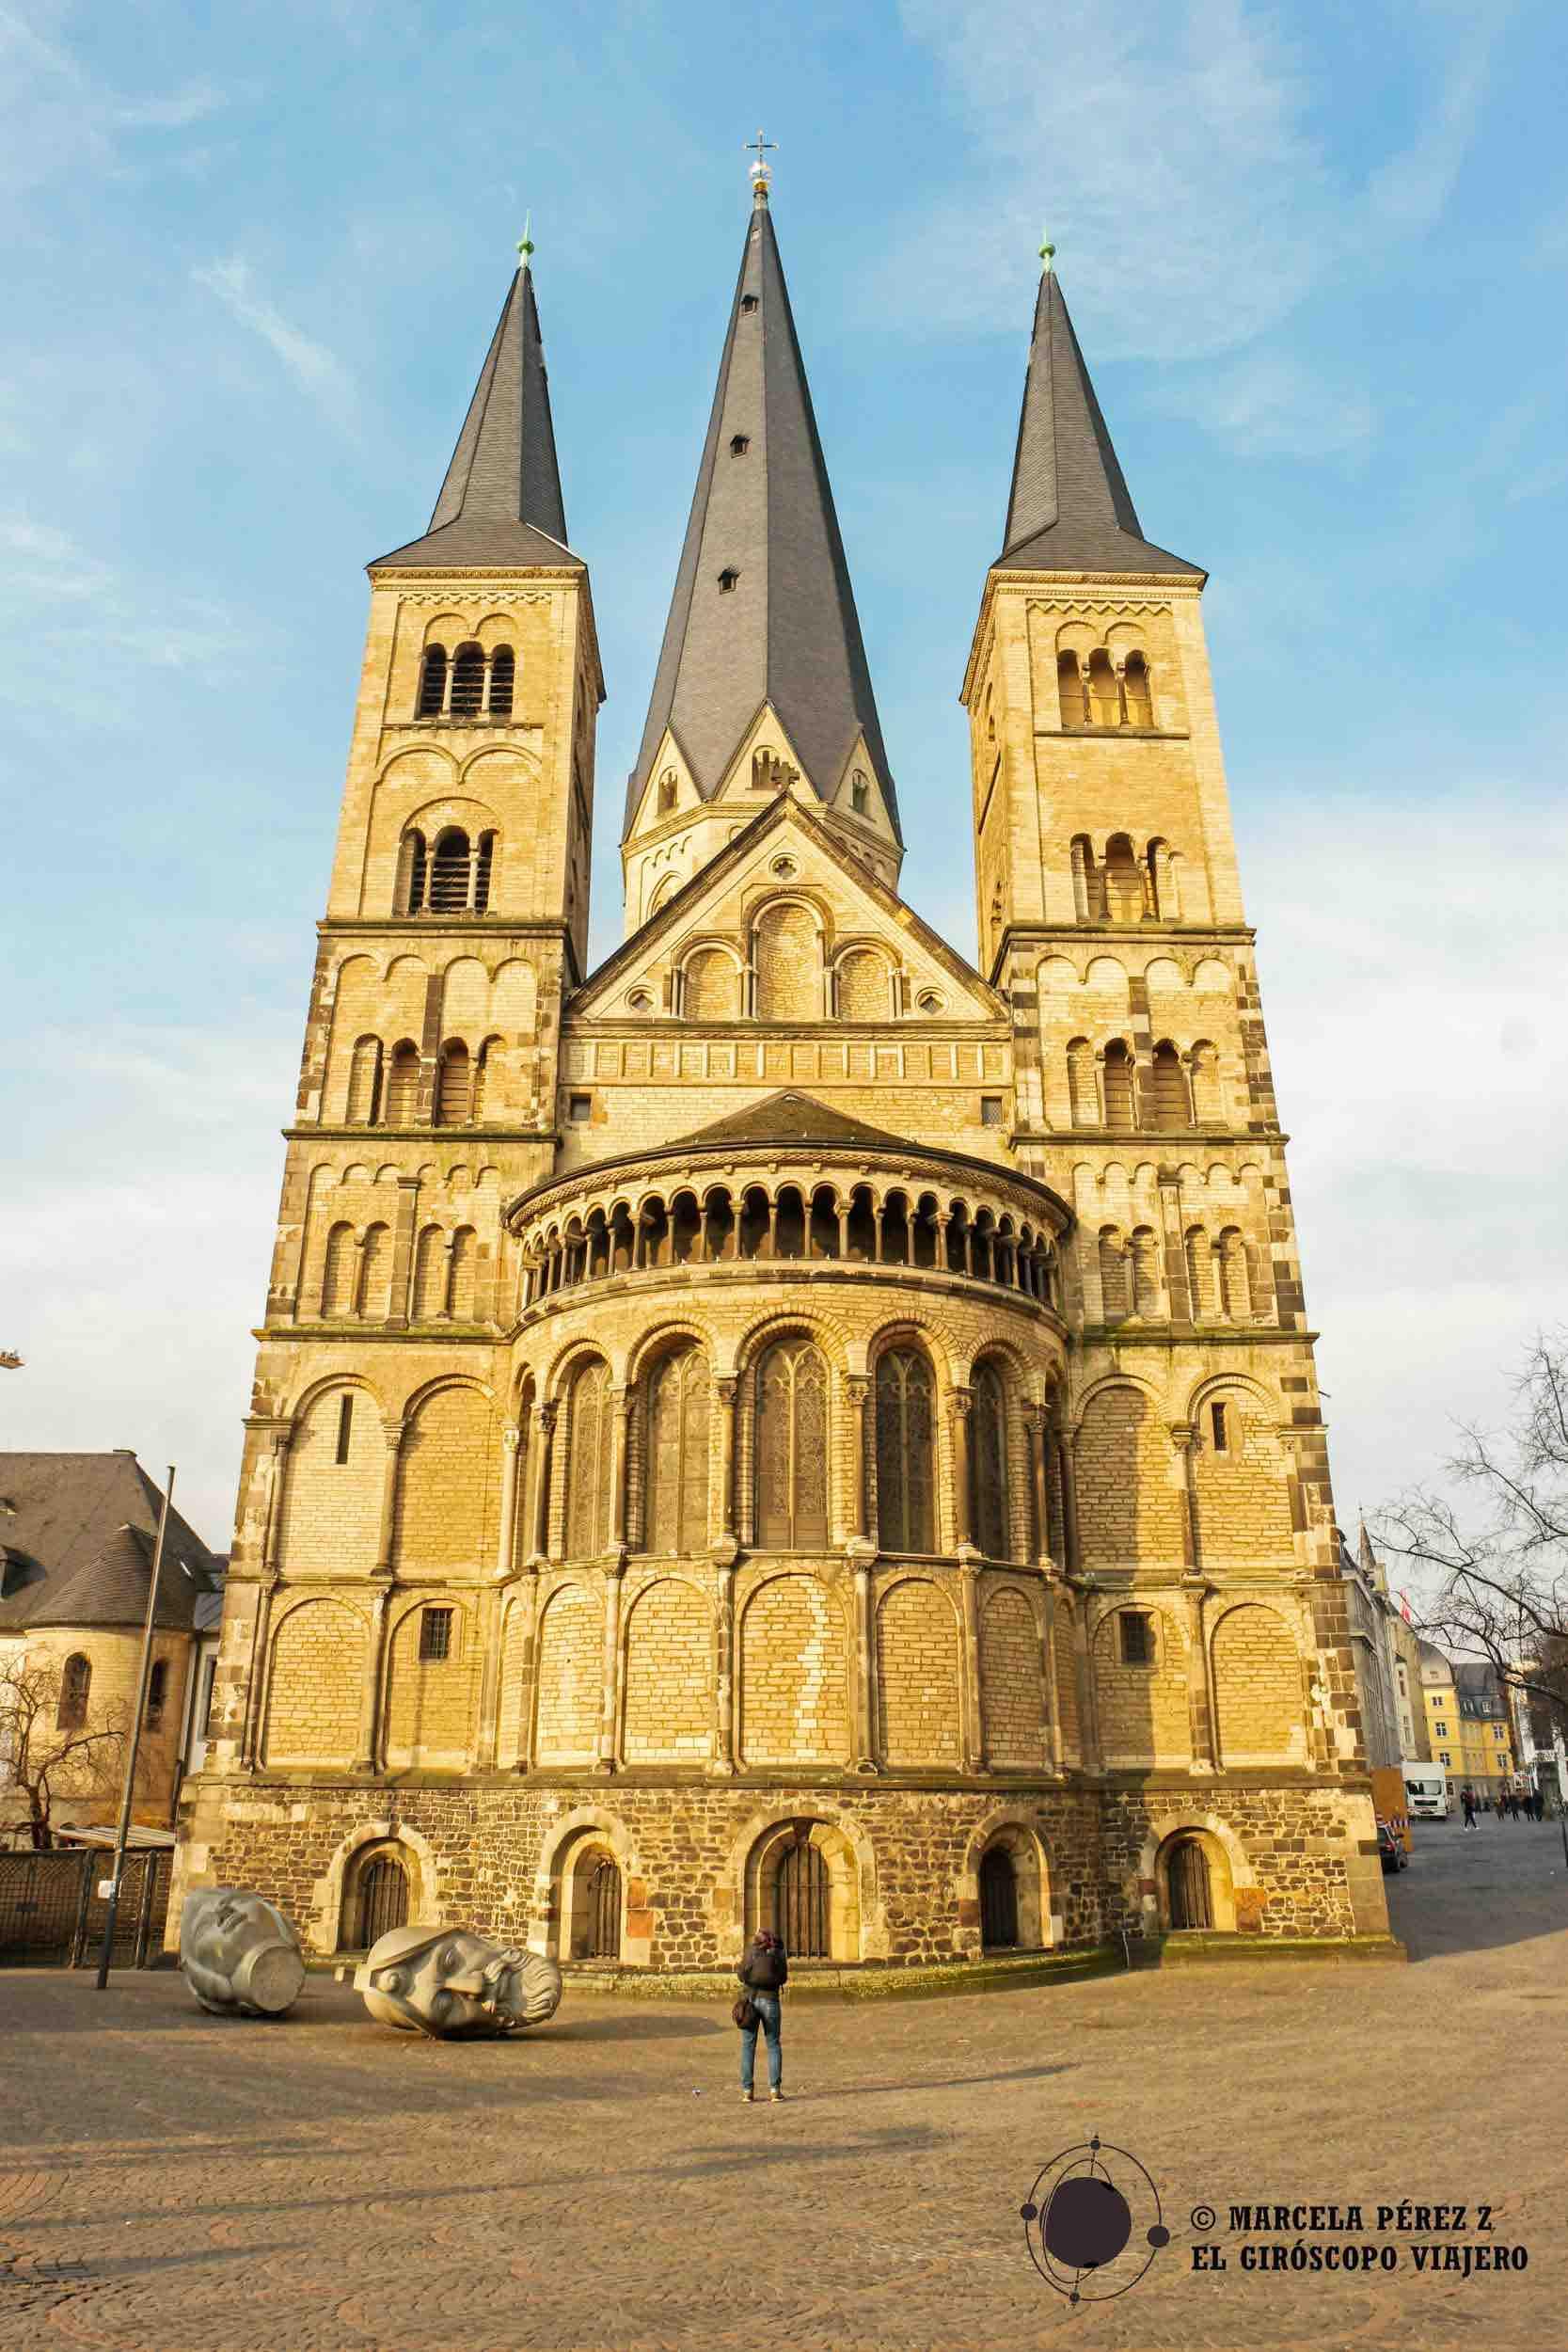 La imponente catedral de Bonn se alza en el medio de la ciudad cuan alta es